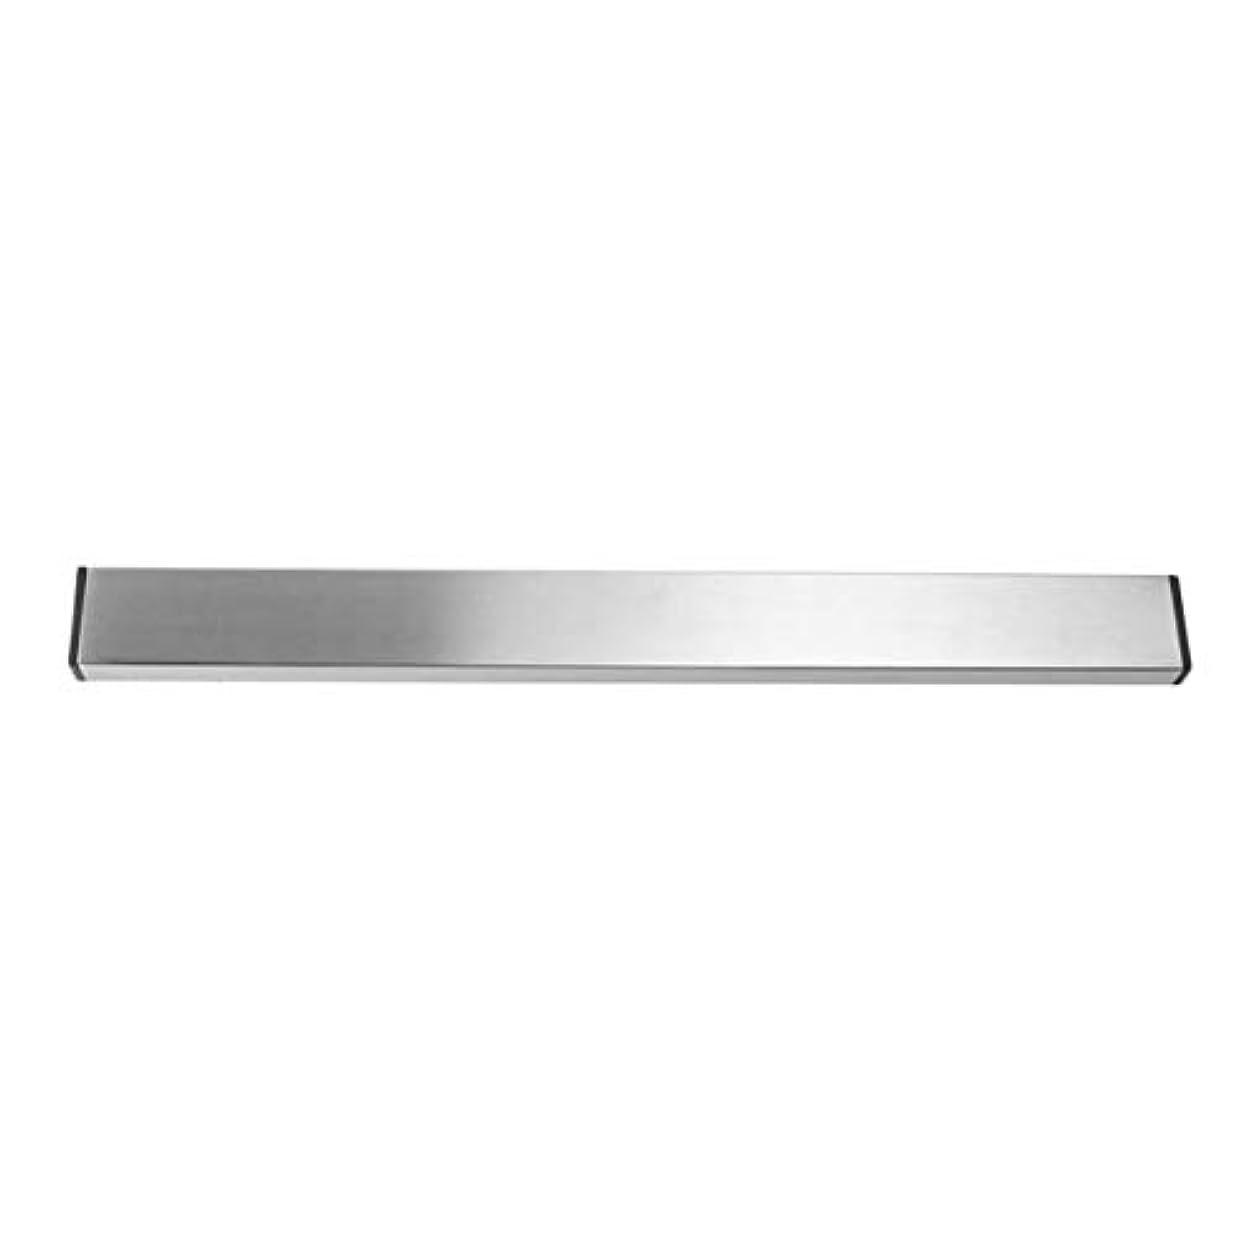 助言する商人強制Saikogoods 実用的なホーム台所の壁マウントされた磁気ナイフホルダー耐久性のあるステンレススチール簡単に保存ナイフは台所用具ラック 銀 M